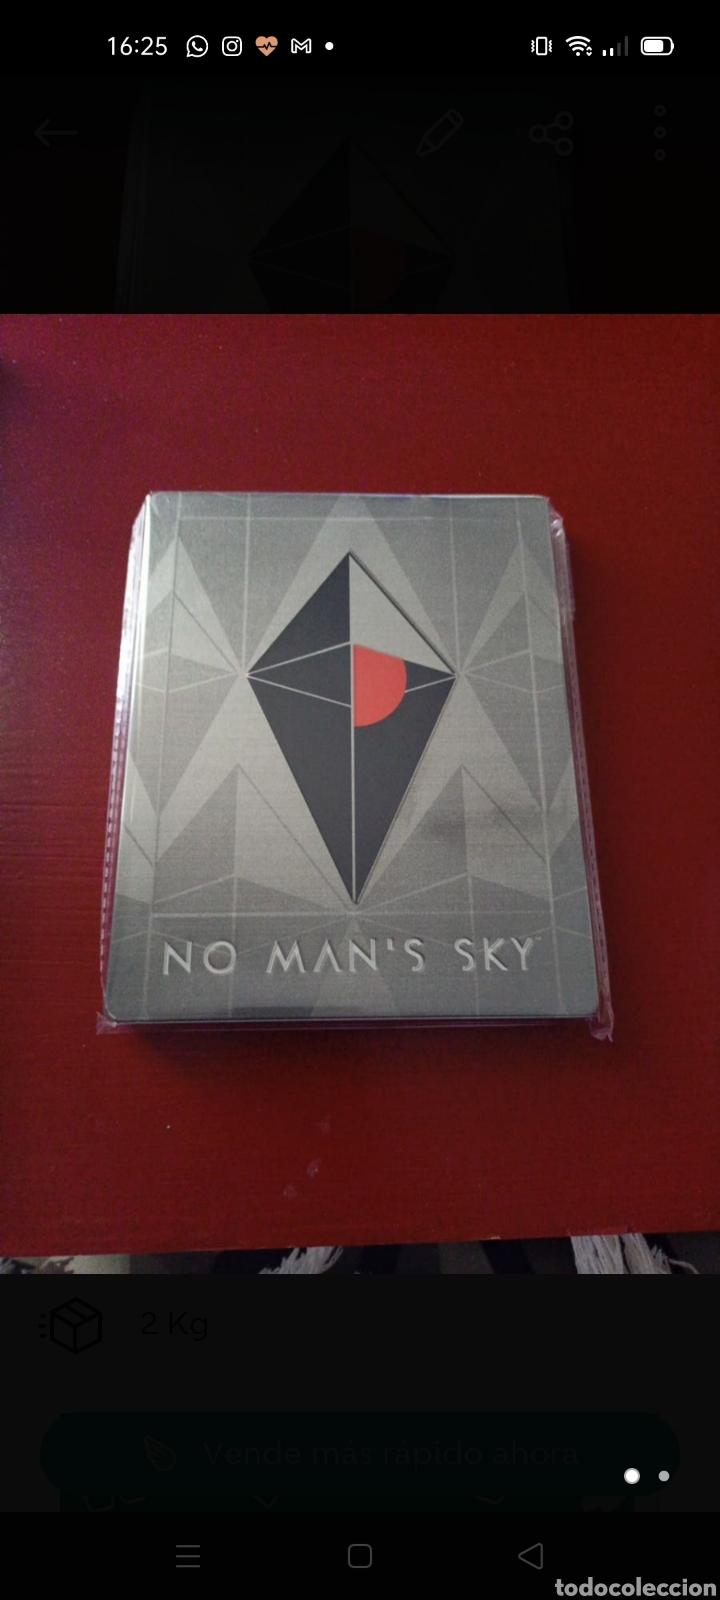 NO MAN'S SKY STEELBOOK EDICION METALICA PS4 (Juguetes - Videojuegos y Consolas - Sony - PS4)